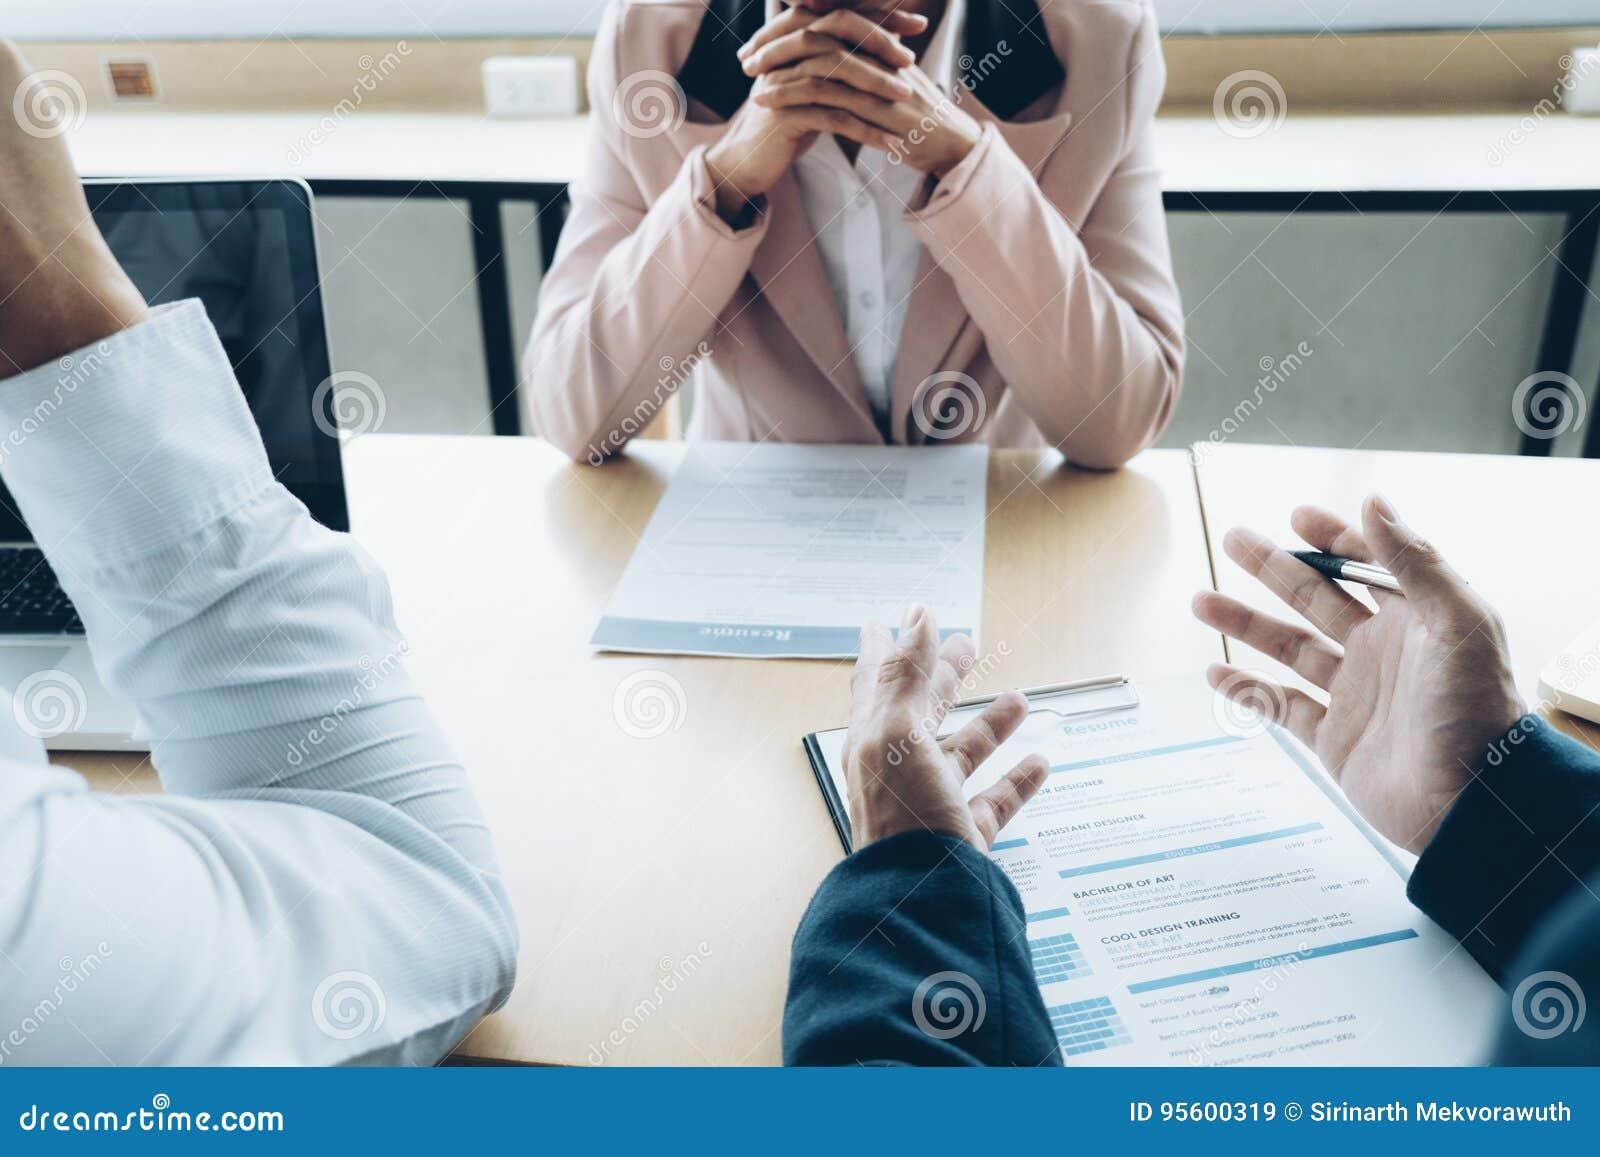 Begrepp för intervju för jobb för affärsläge Affären finner nytt jobb